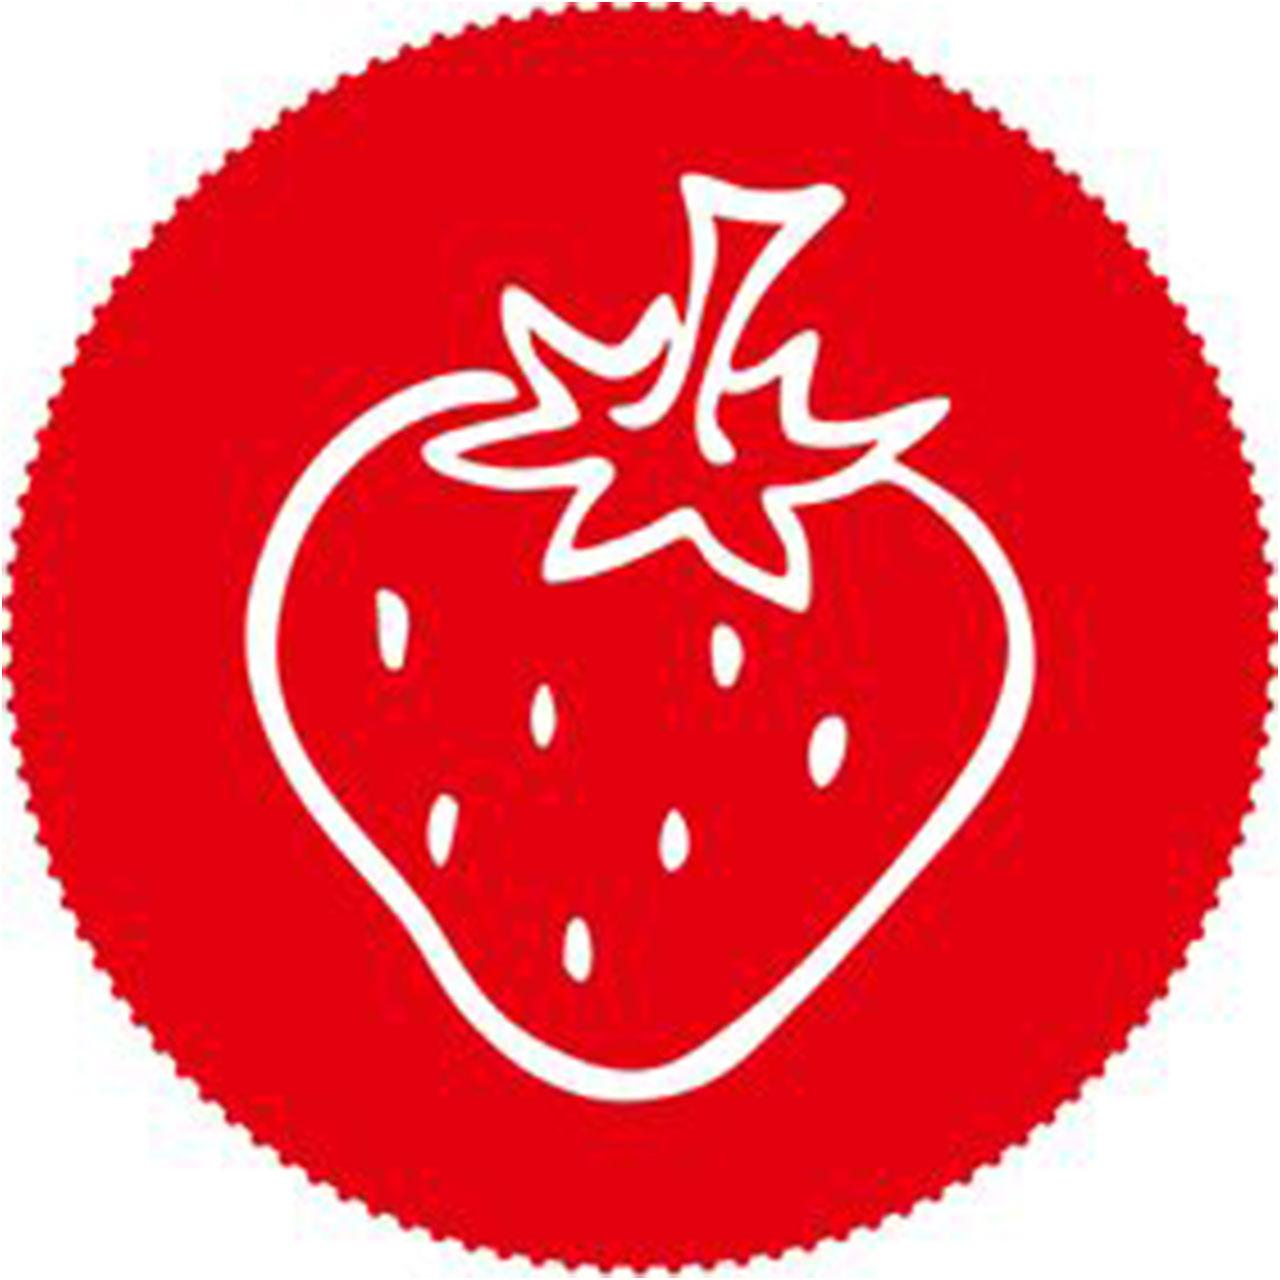 La fraise rouge